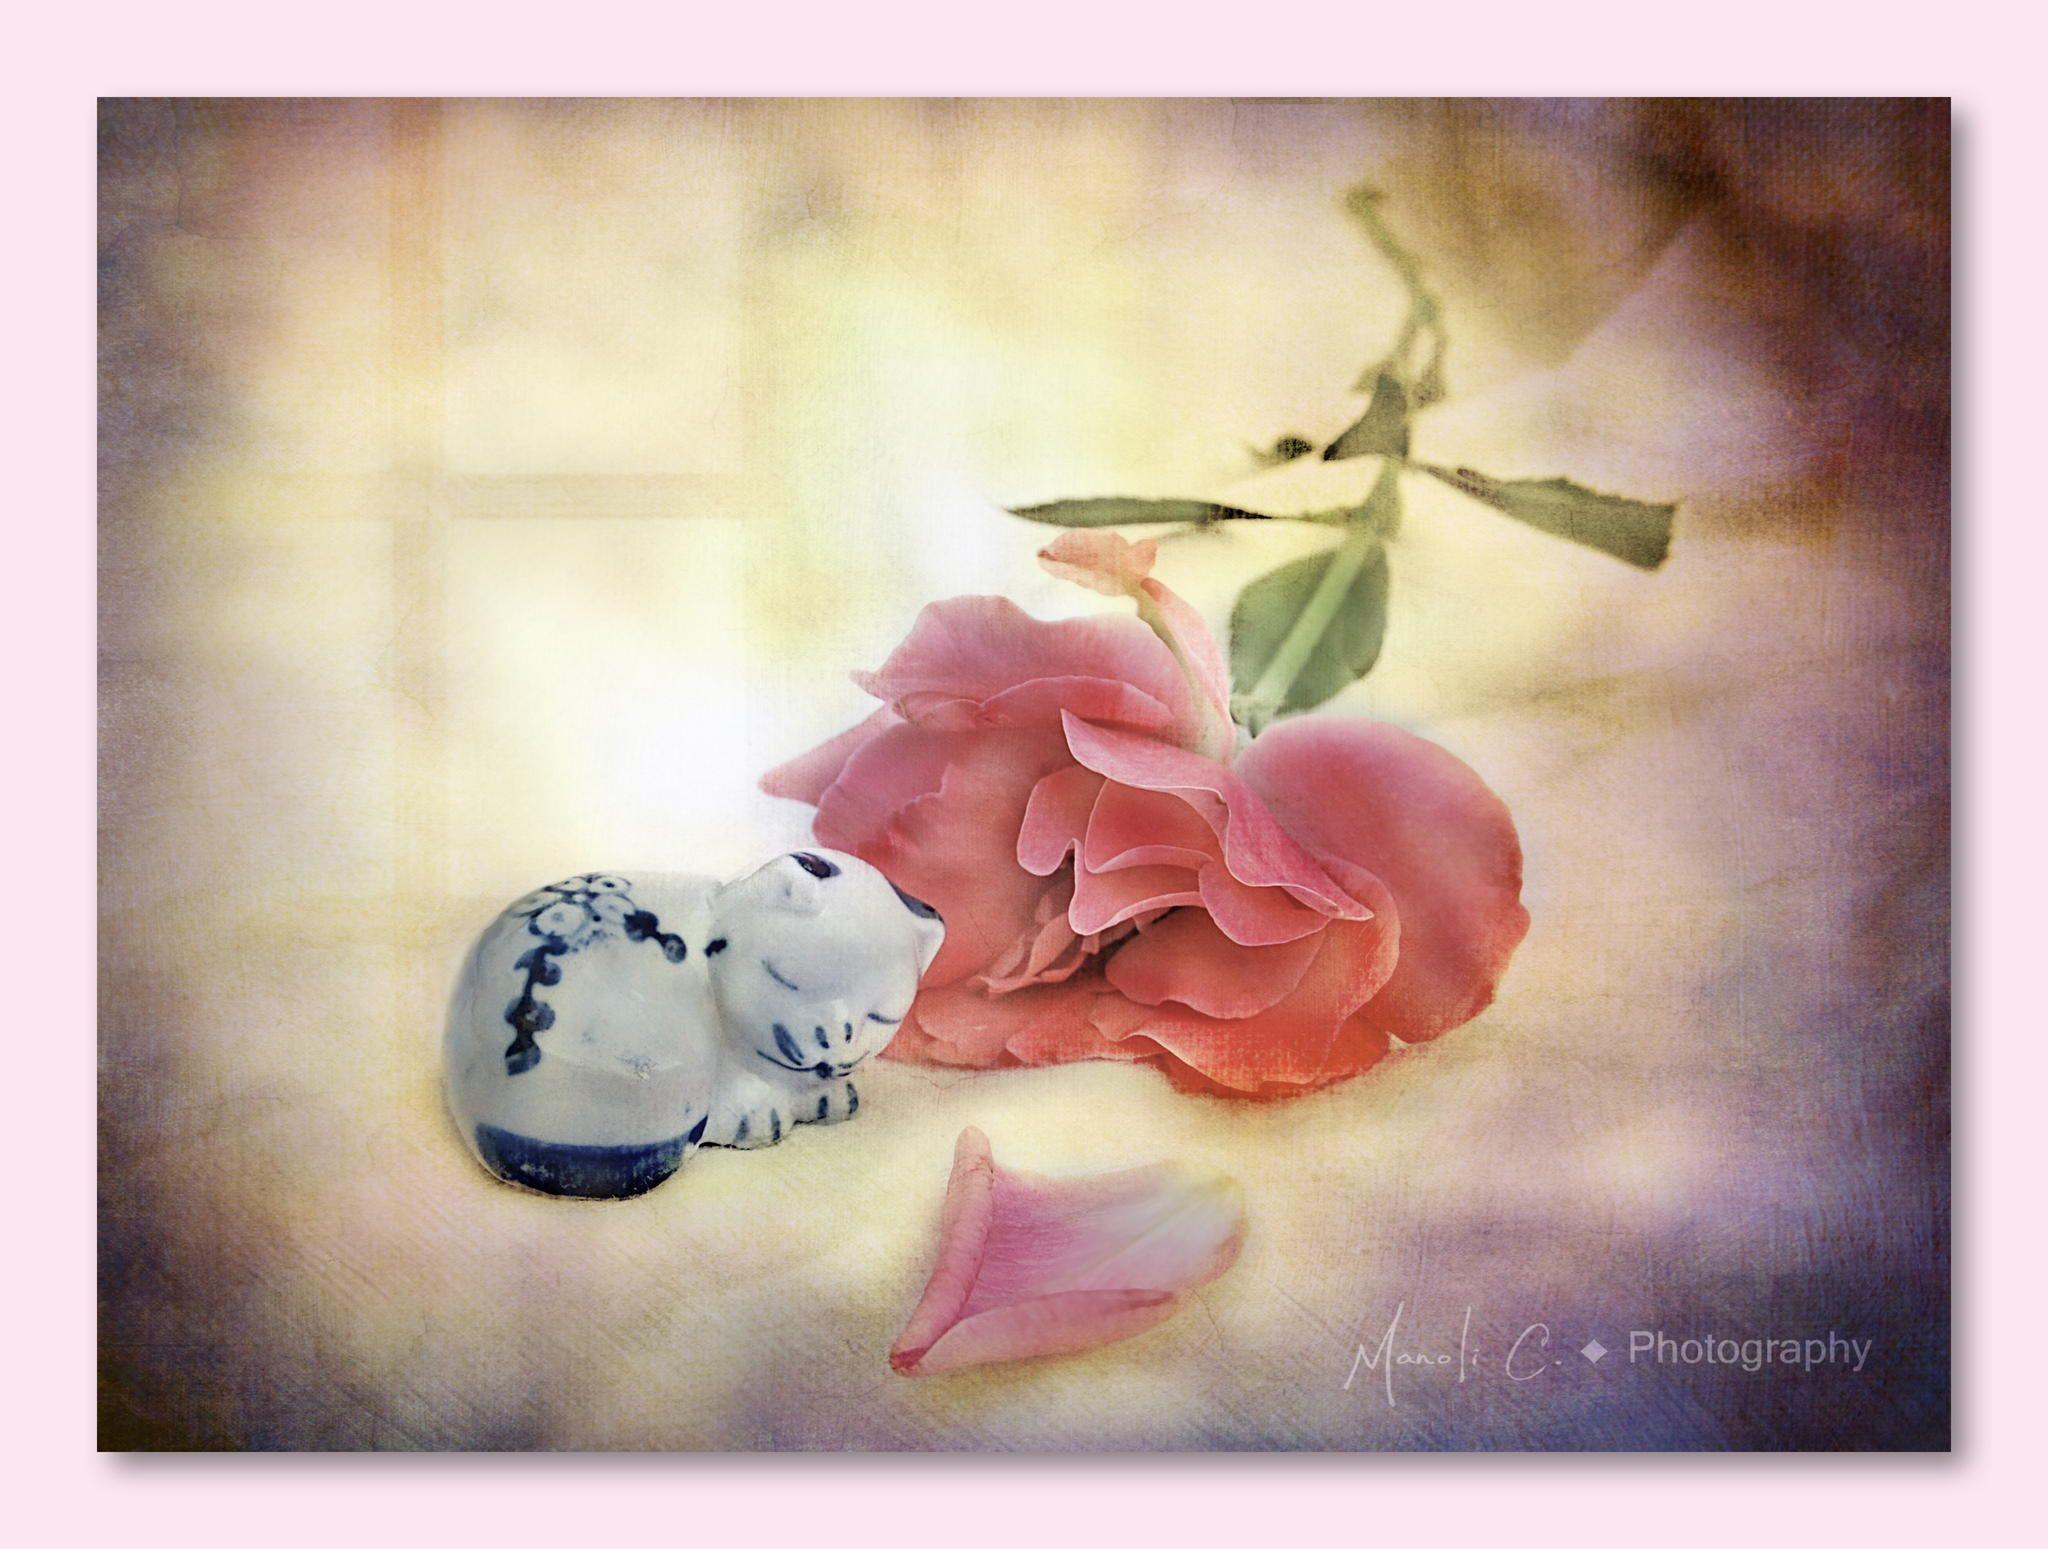 El gato que está triste y azul - ♫ Cuando era un chiquillo que alegría jugando a la guerra noche y día saltando una verja verte a ti y asi en tus ojos algo nuevo descubrir Las rosas decían que eras mía y un gato me hacía compañia desde que me dejáste yo no se porqué la ventana es más grande sin tu amor  El gato que esta en nuestro cielo no va a volver a casa si no estás no sabes mí amor que noche bella presiento que tu estas en esa estrella  El gato que está triste y azul nunc...